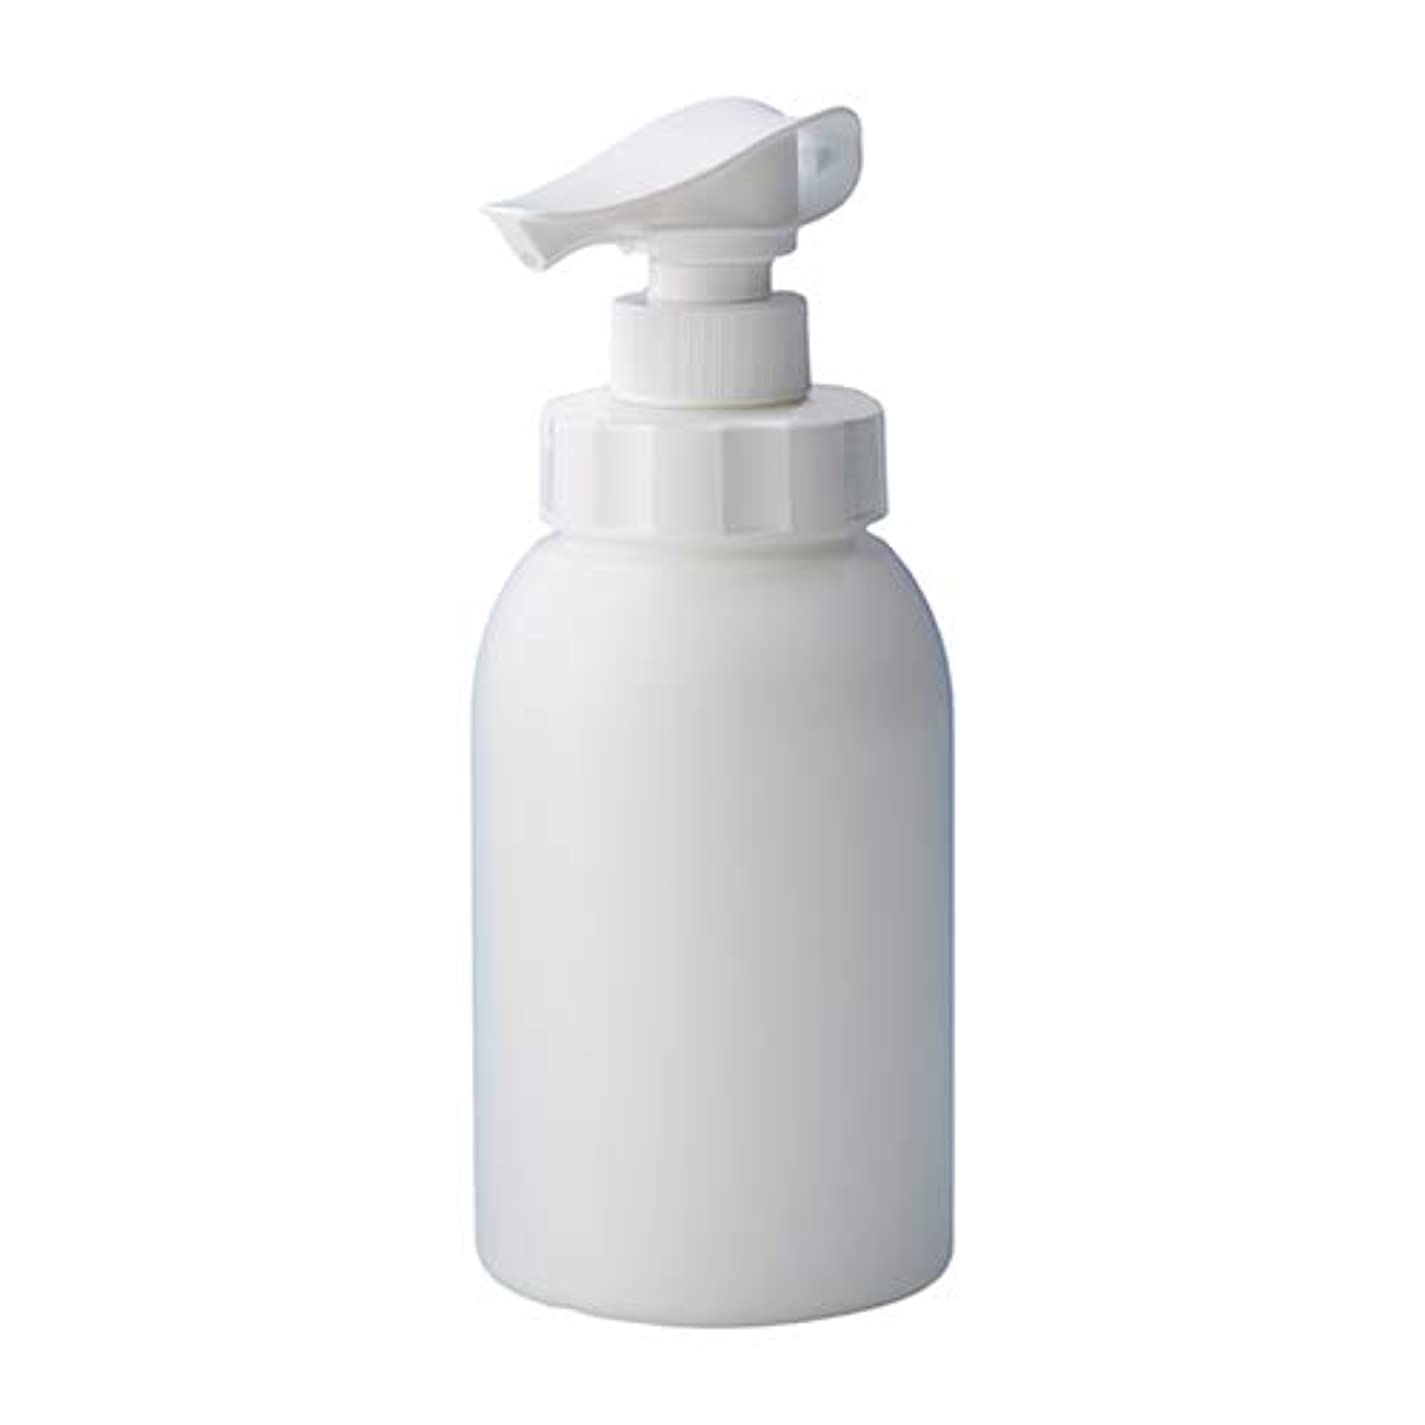 まばたき話す届ける安定感のある ポンプボトル シャンプー コンディショナー リンス ボディソープ ハンドソープ 600ml詰め替え容器 ホワイト 10個セット